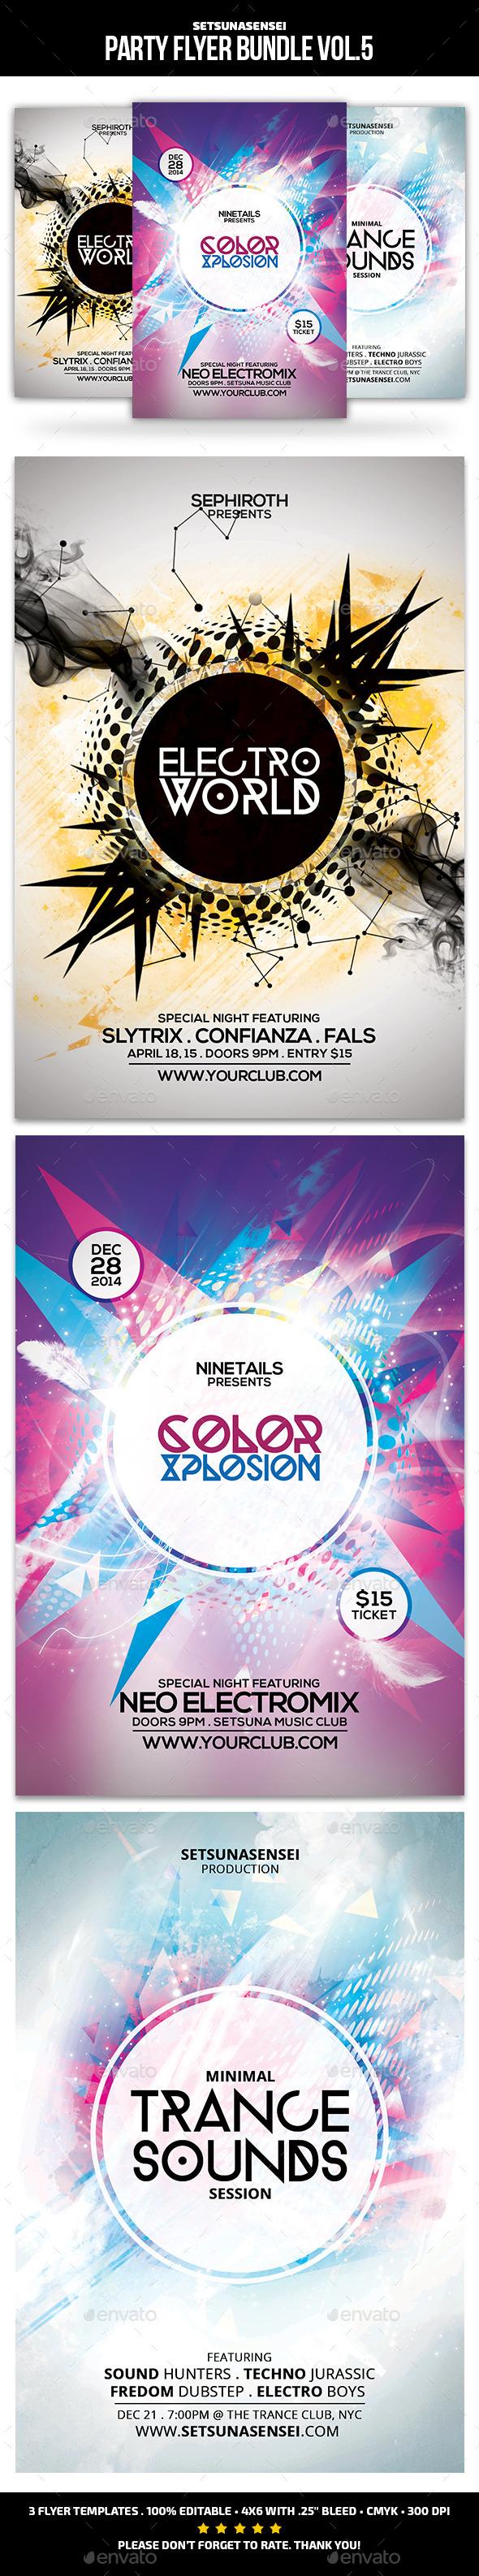 Party Flyer Bundle Vol.5 - Clubs & Parties Events